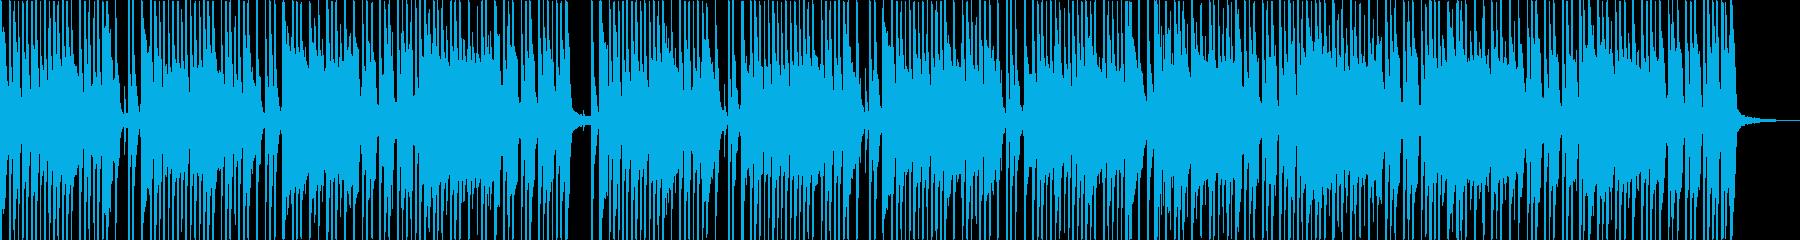 遊び心ある楽しげなファンクバンドの再生済みの波形